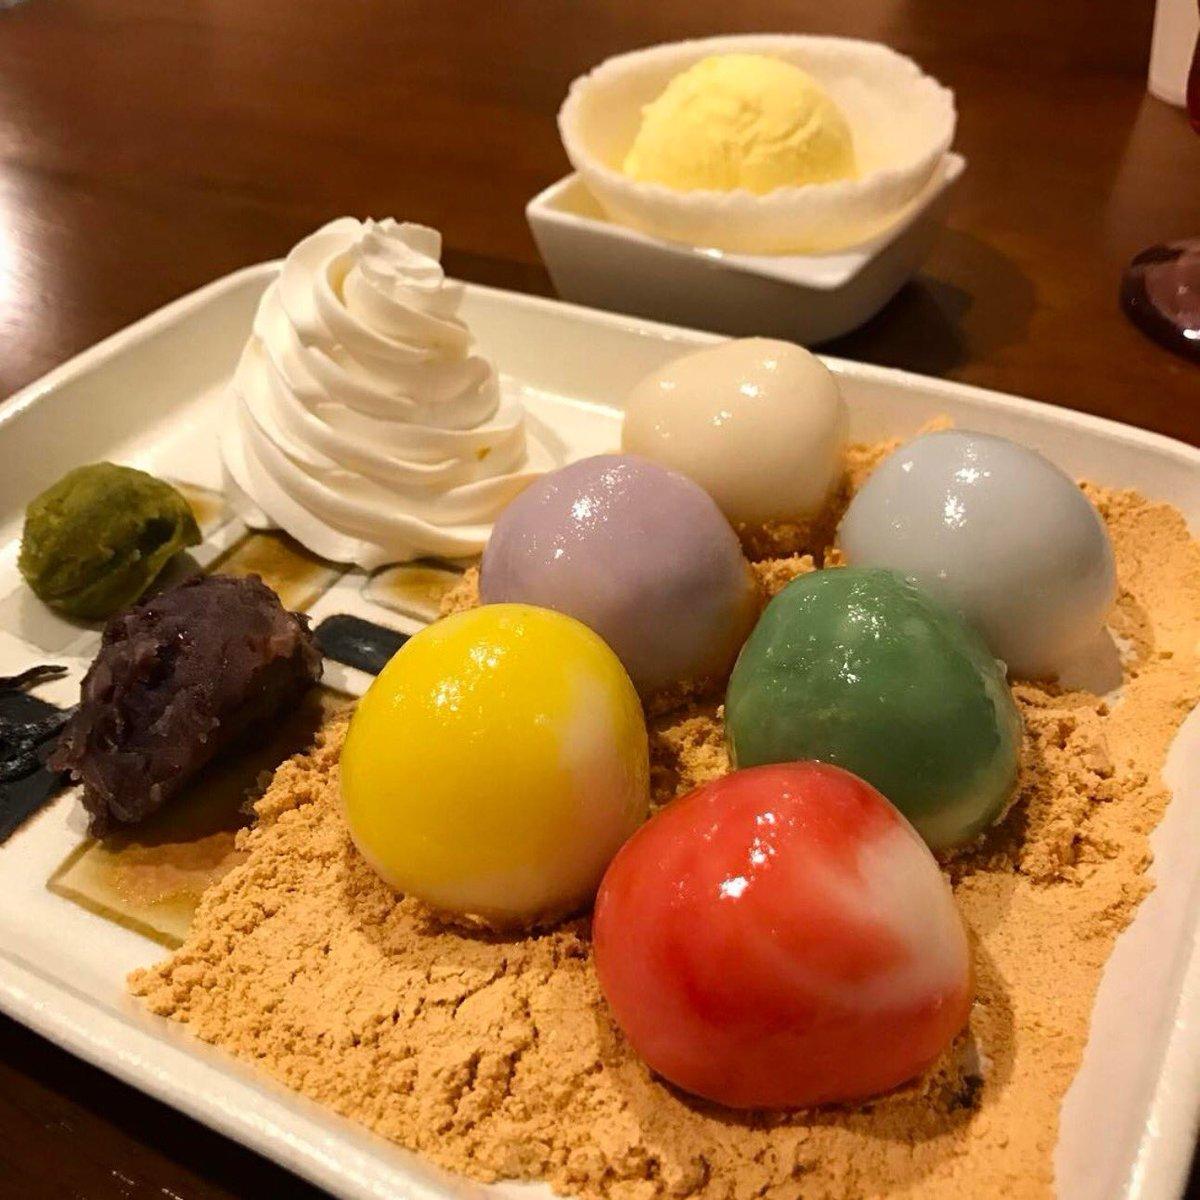 色鮮やかなカラフル白玉を食べられる大阪府難波駅にある和洋折衷の白玉専門店「しらたま」✨